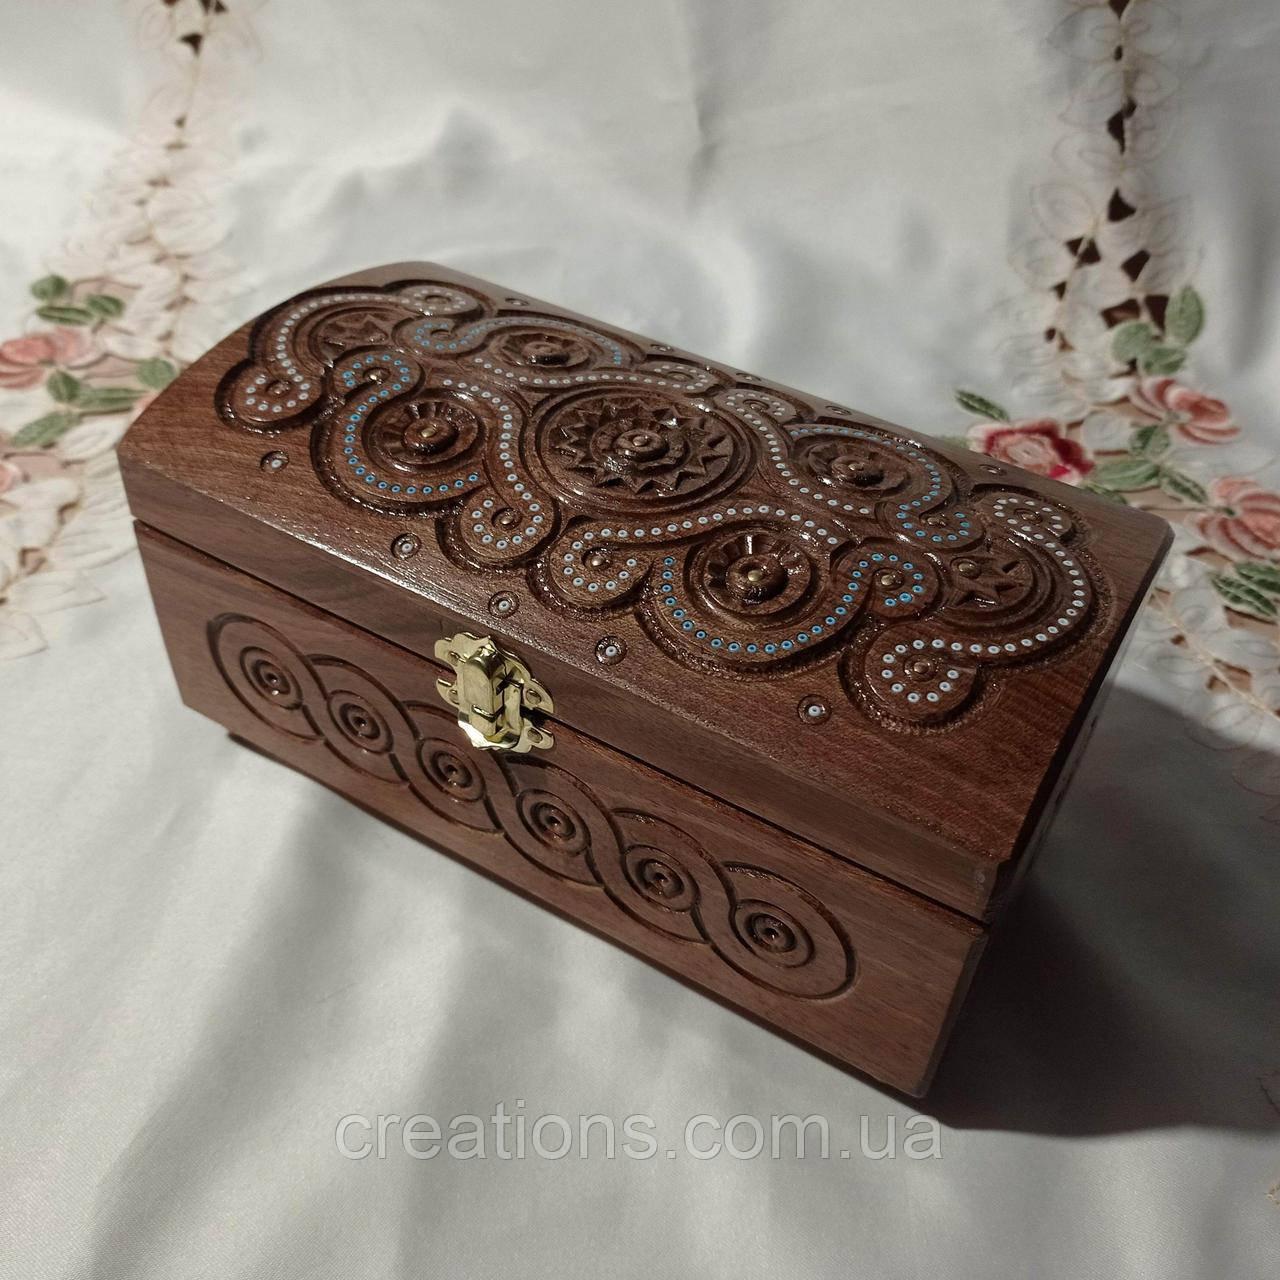 Резная деревянная шкатулка 21х11х11 см. для украшений из дерева, ручная работа